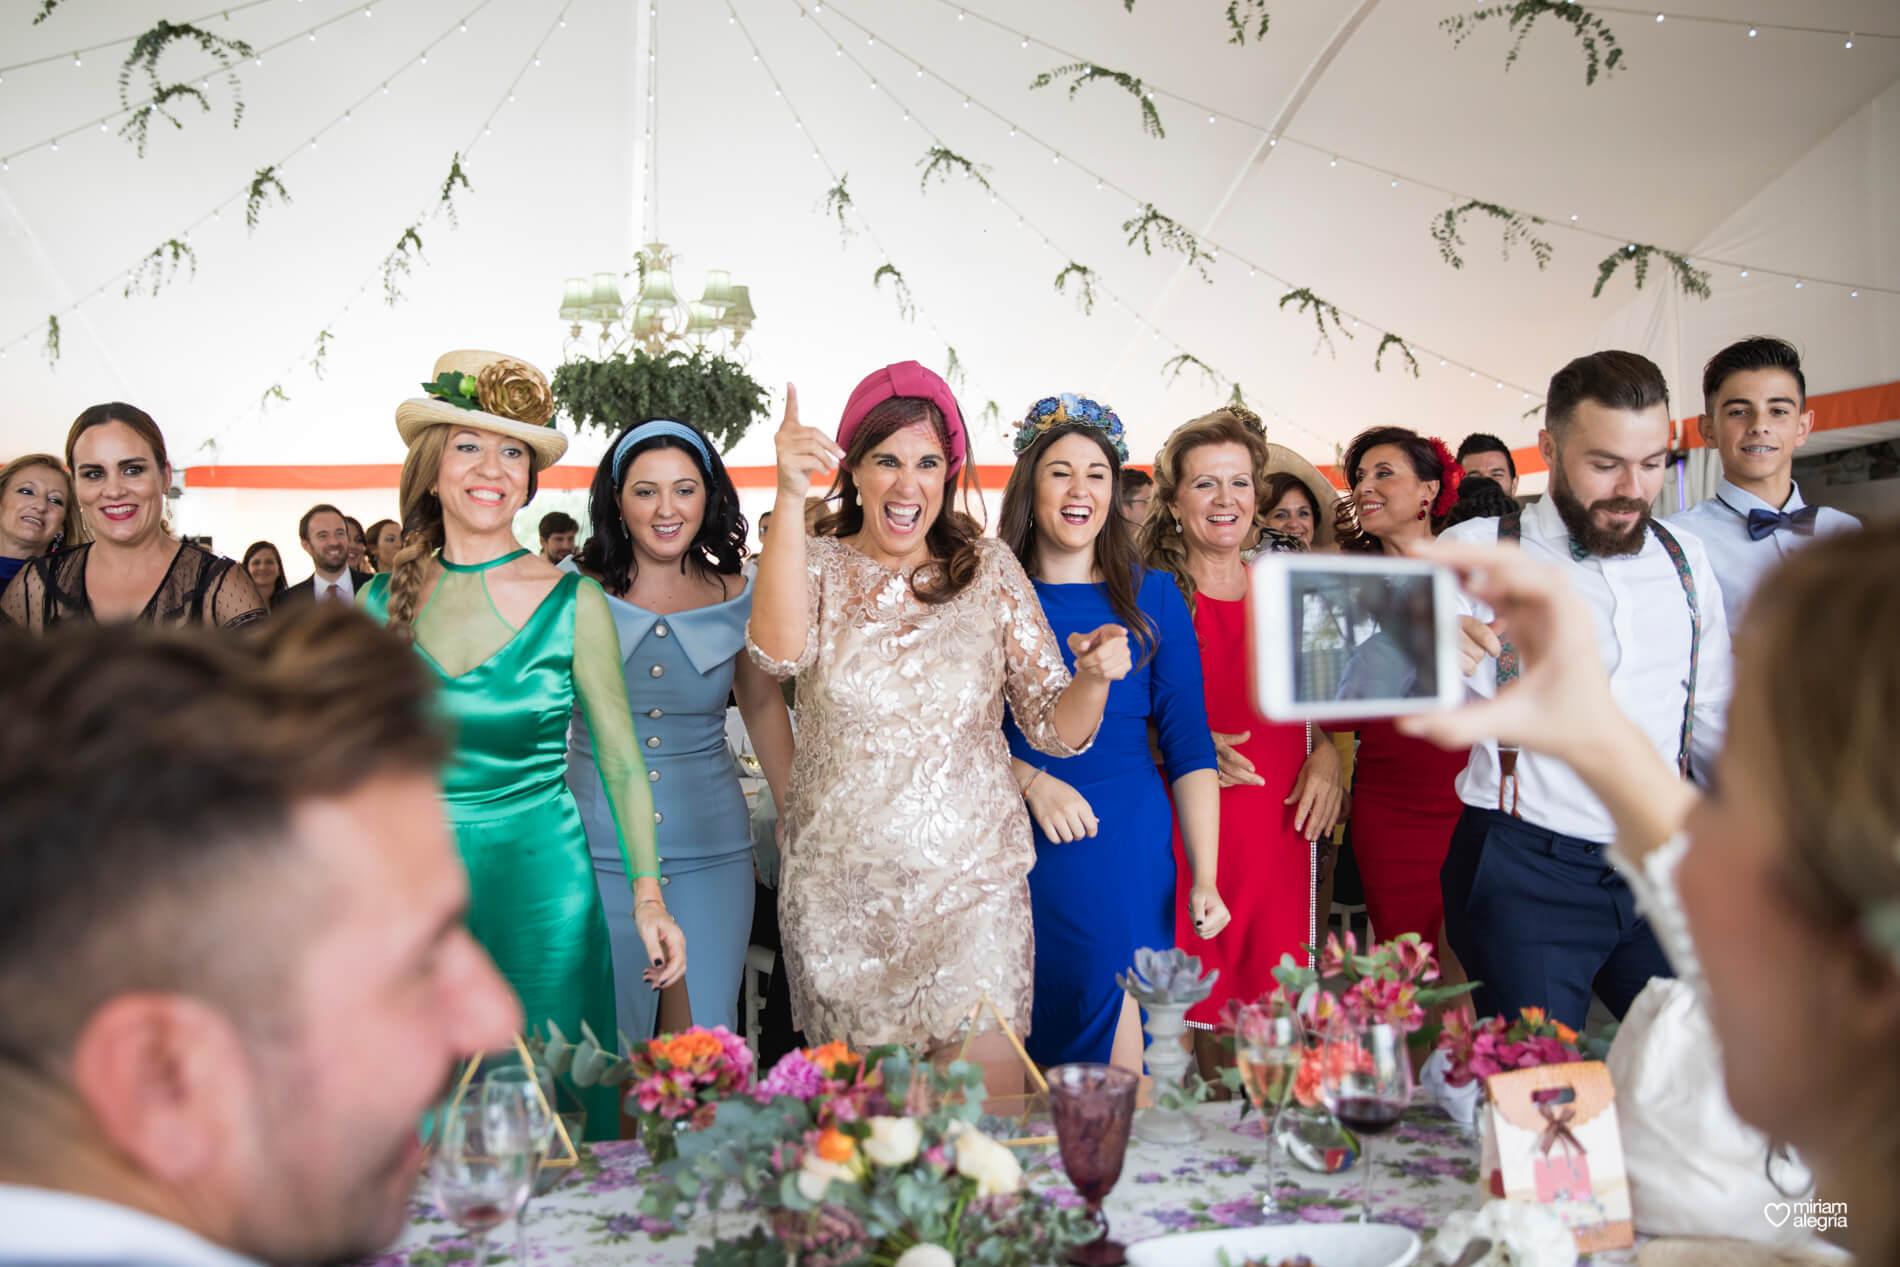 boda-en-finca-villa-vera-de-alemc7-miriam-alegria-fotografos-boda-murcia-164